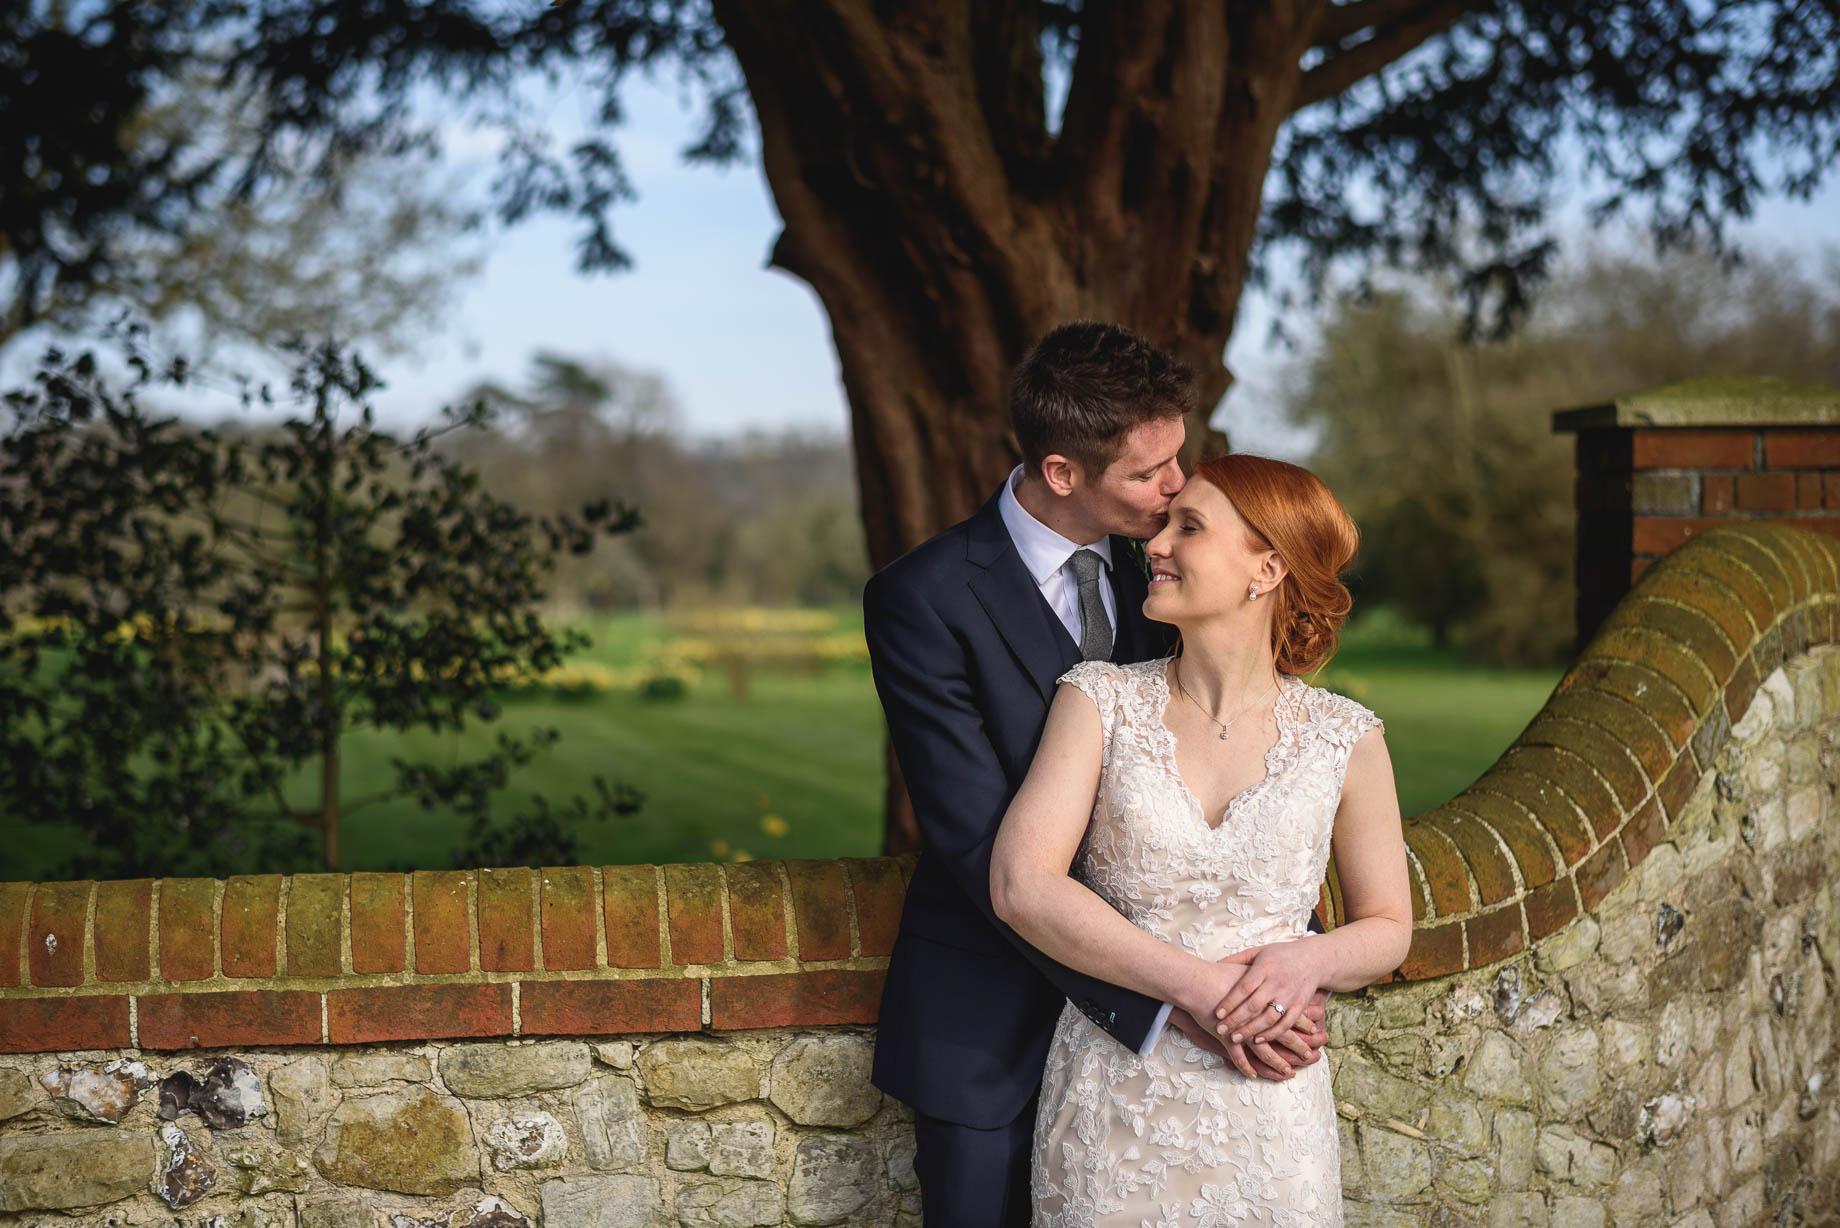 Tithe Barn wedding photography - Hannah and Tom